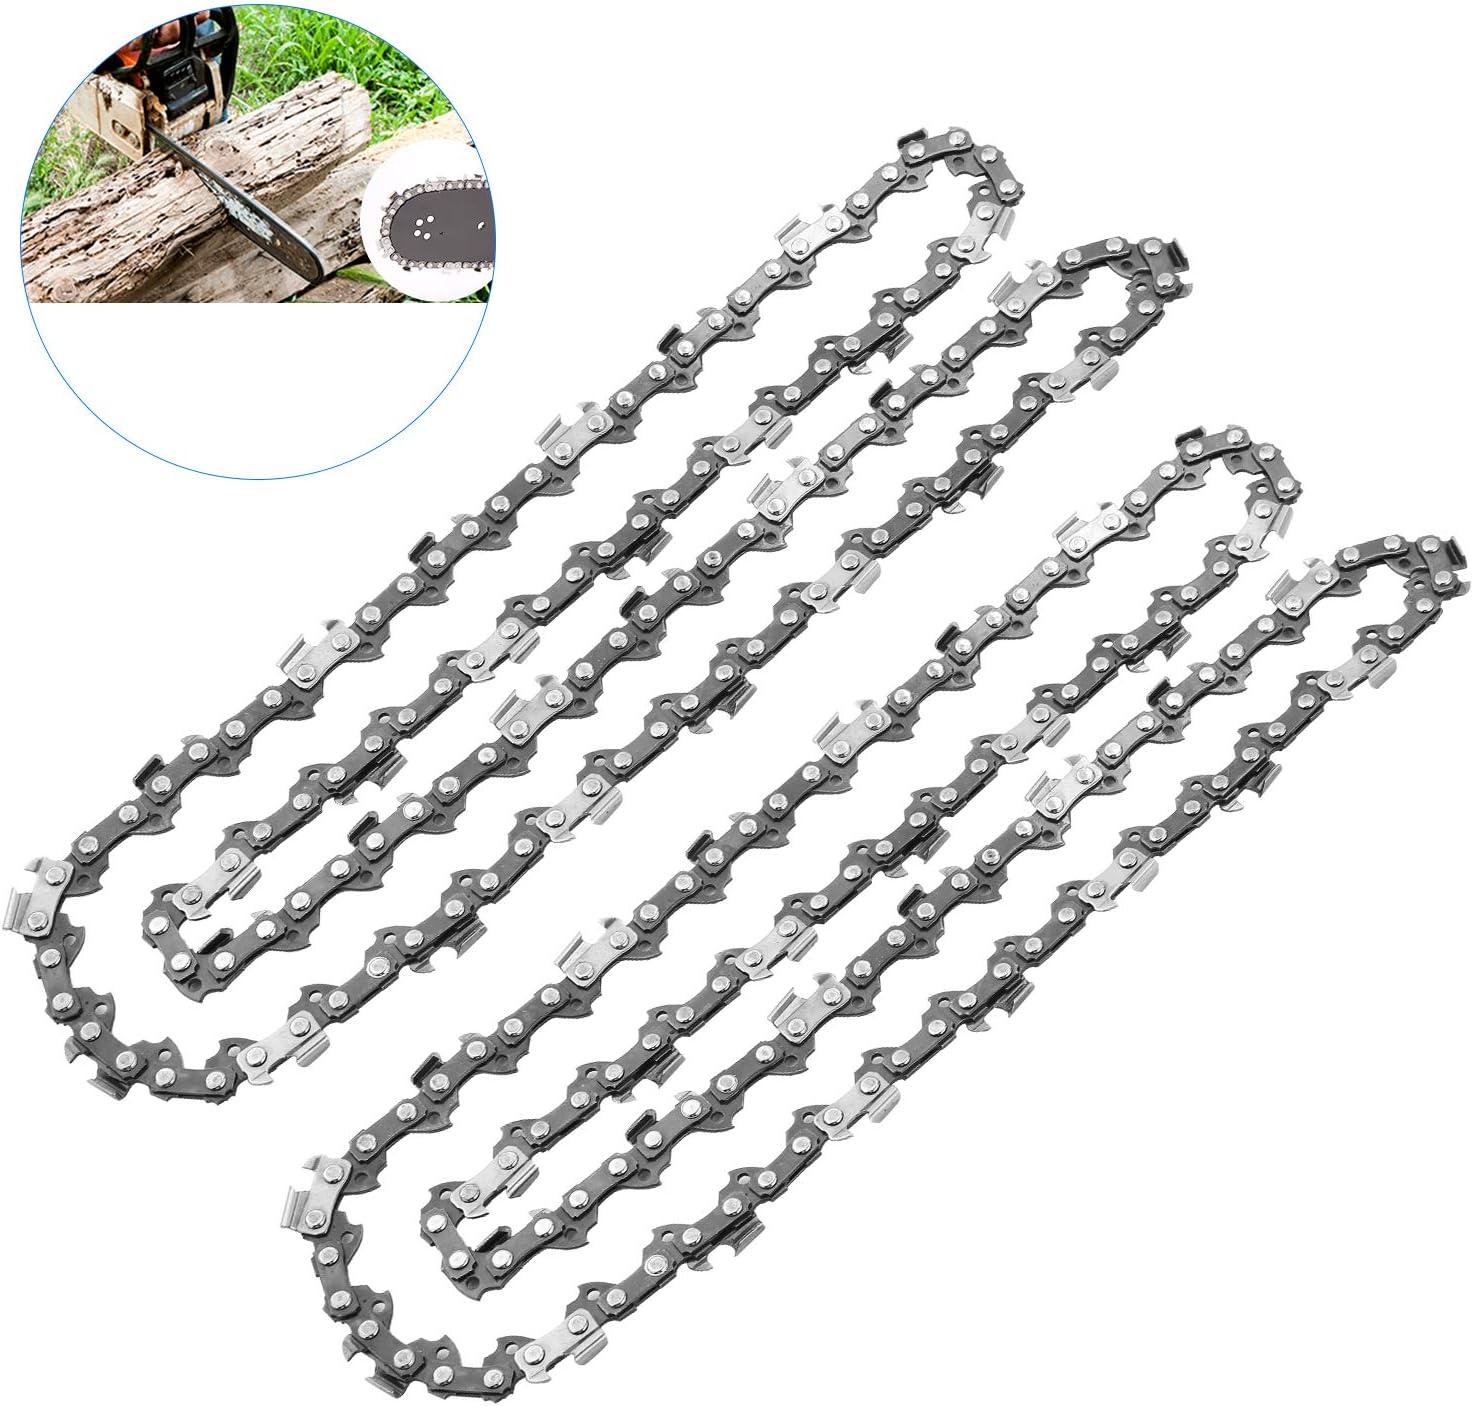 Yionloe chainsaw chain